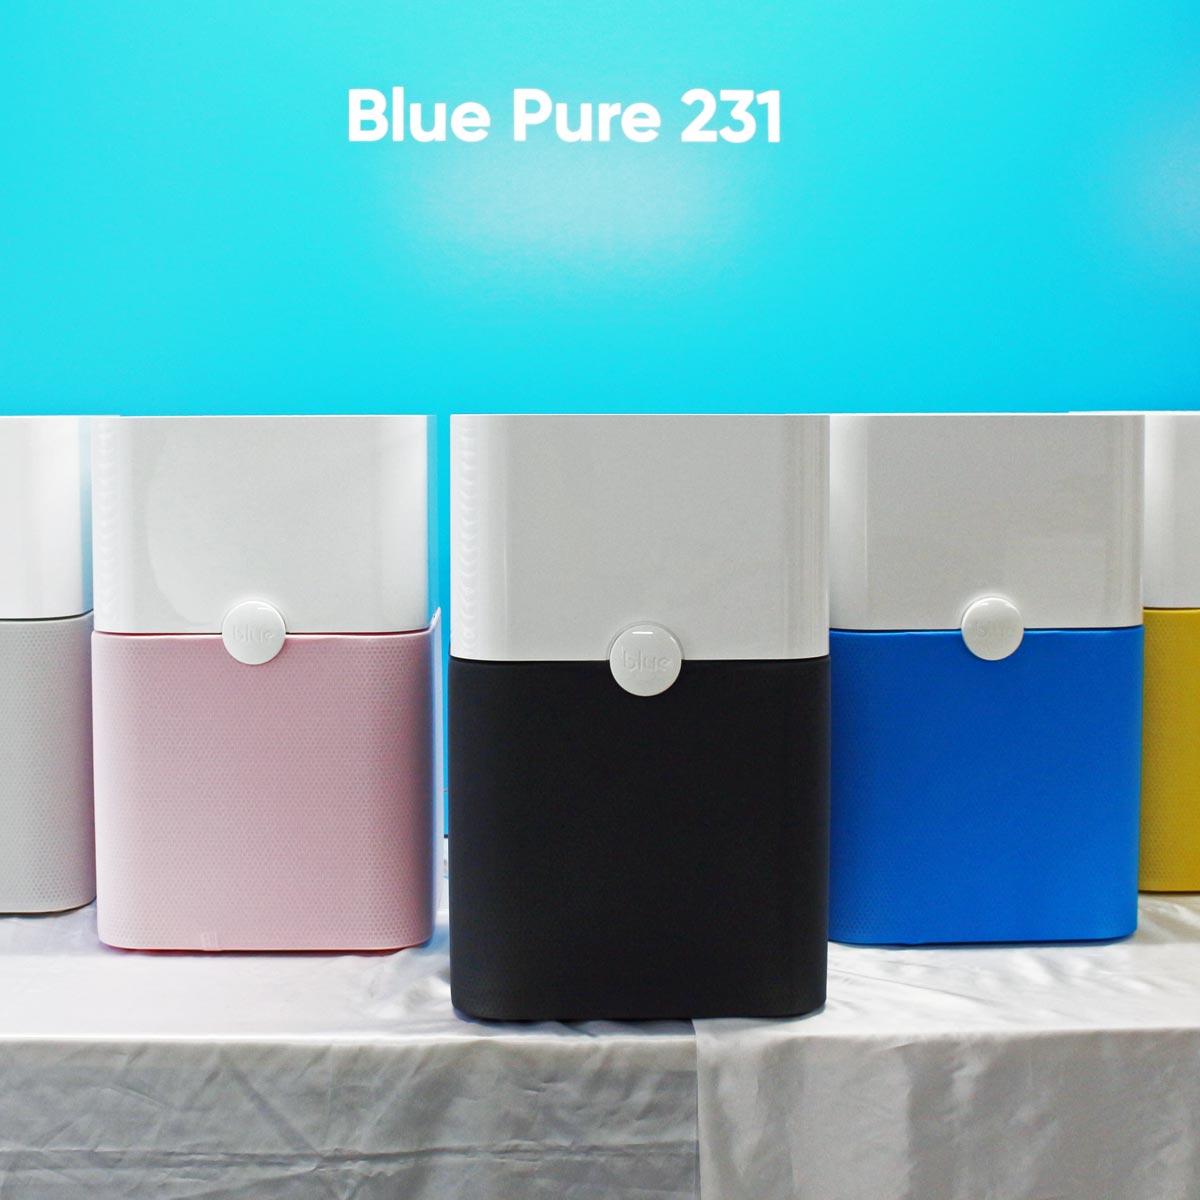 最上位シリーズも5万円台から購入可能に! お手ごろ価格なブルーエアの空気清浄機が登場